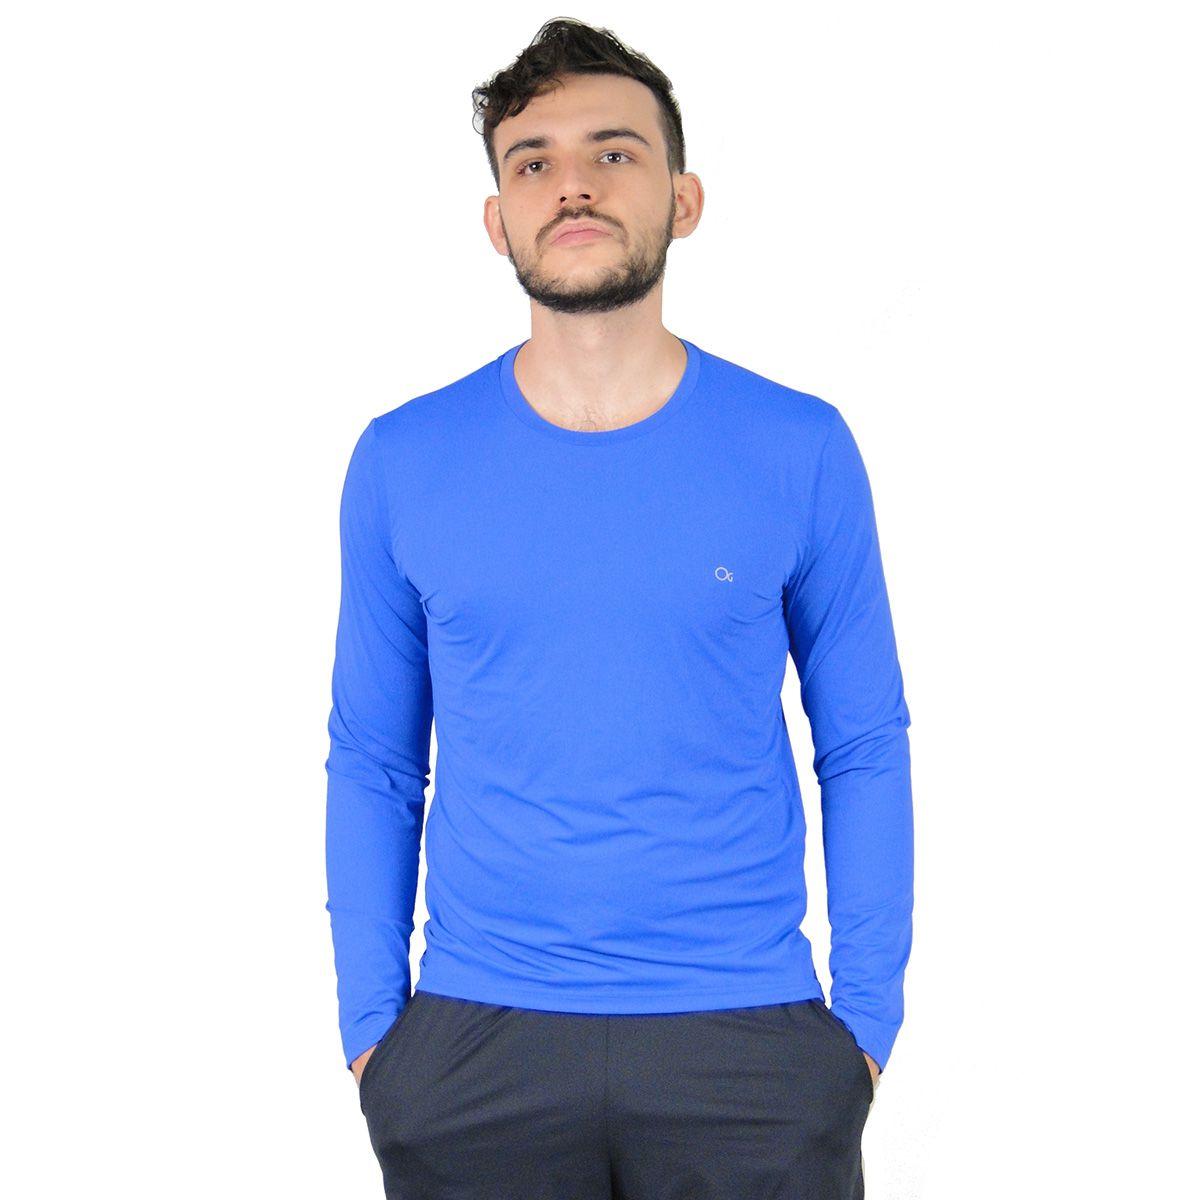 Camiseta Ogochi Masculina Solar Proteção Azul